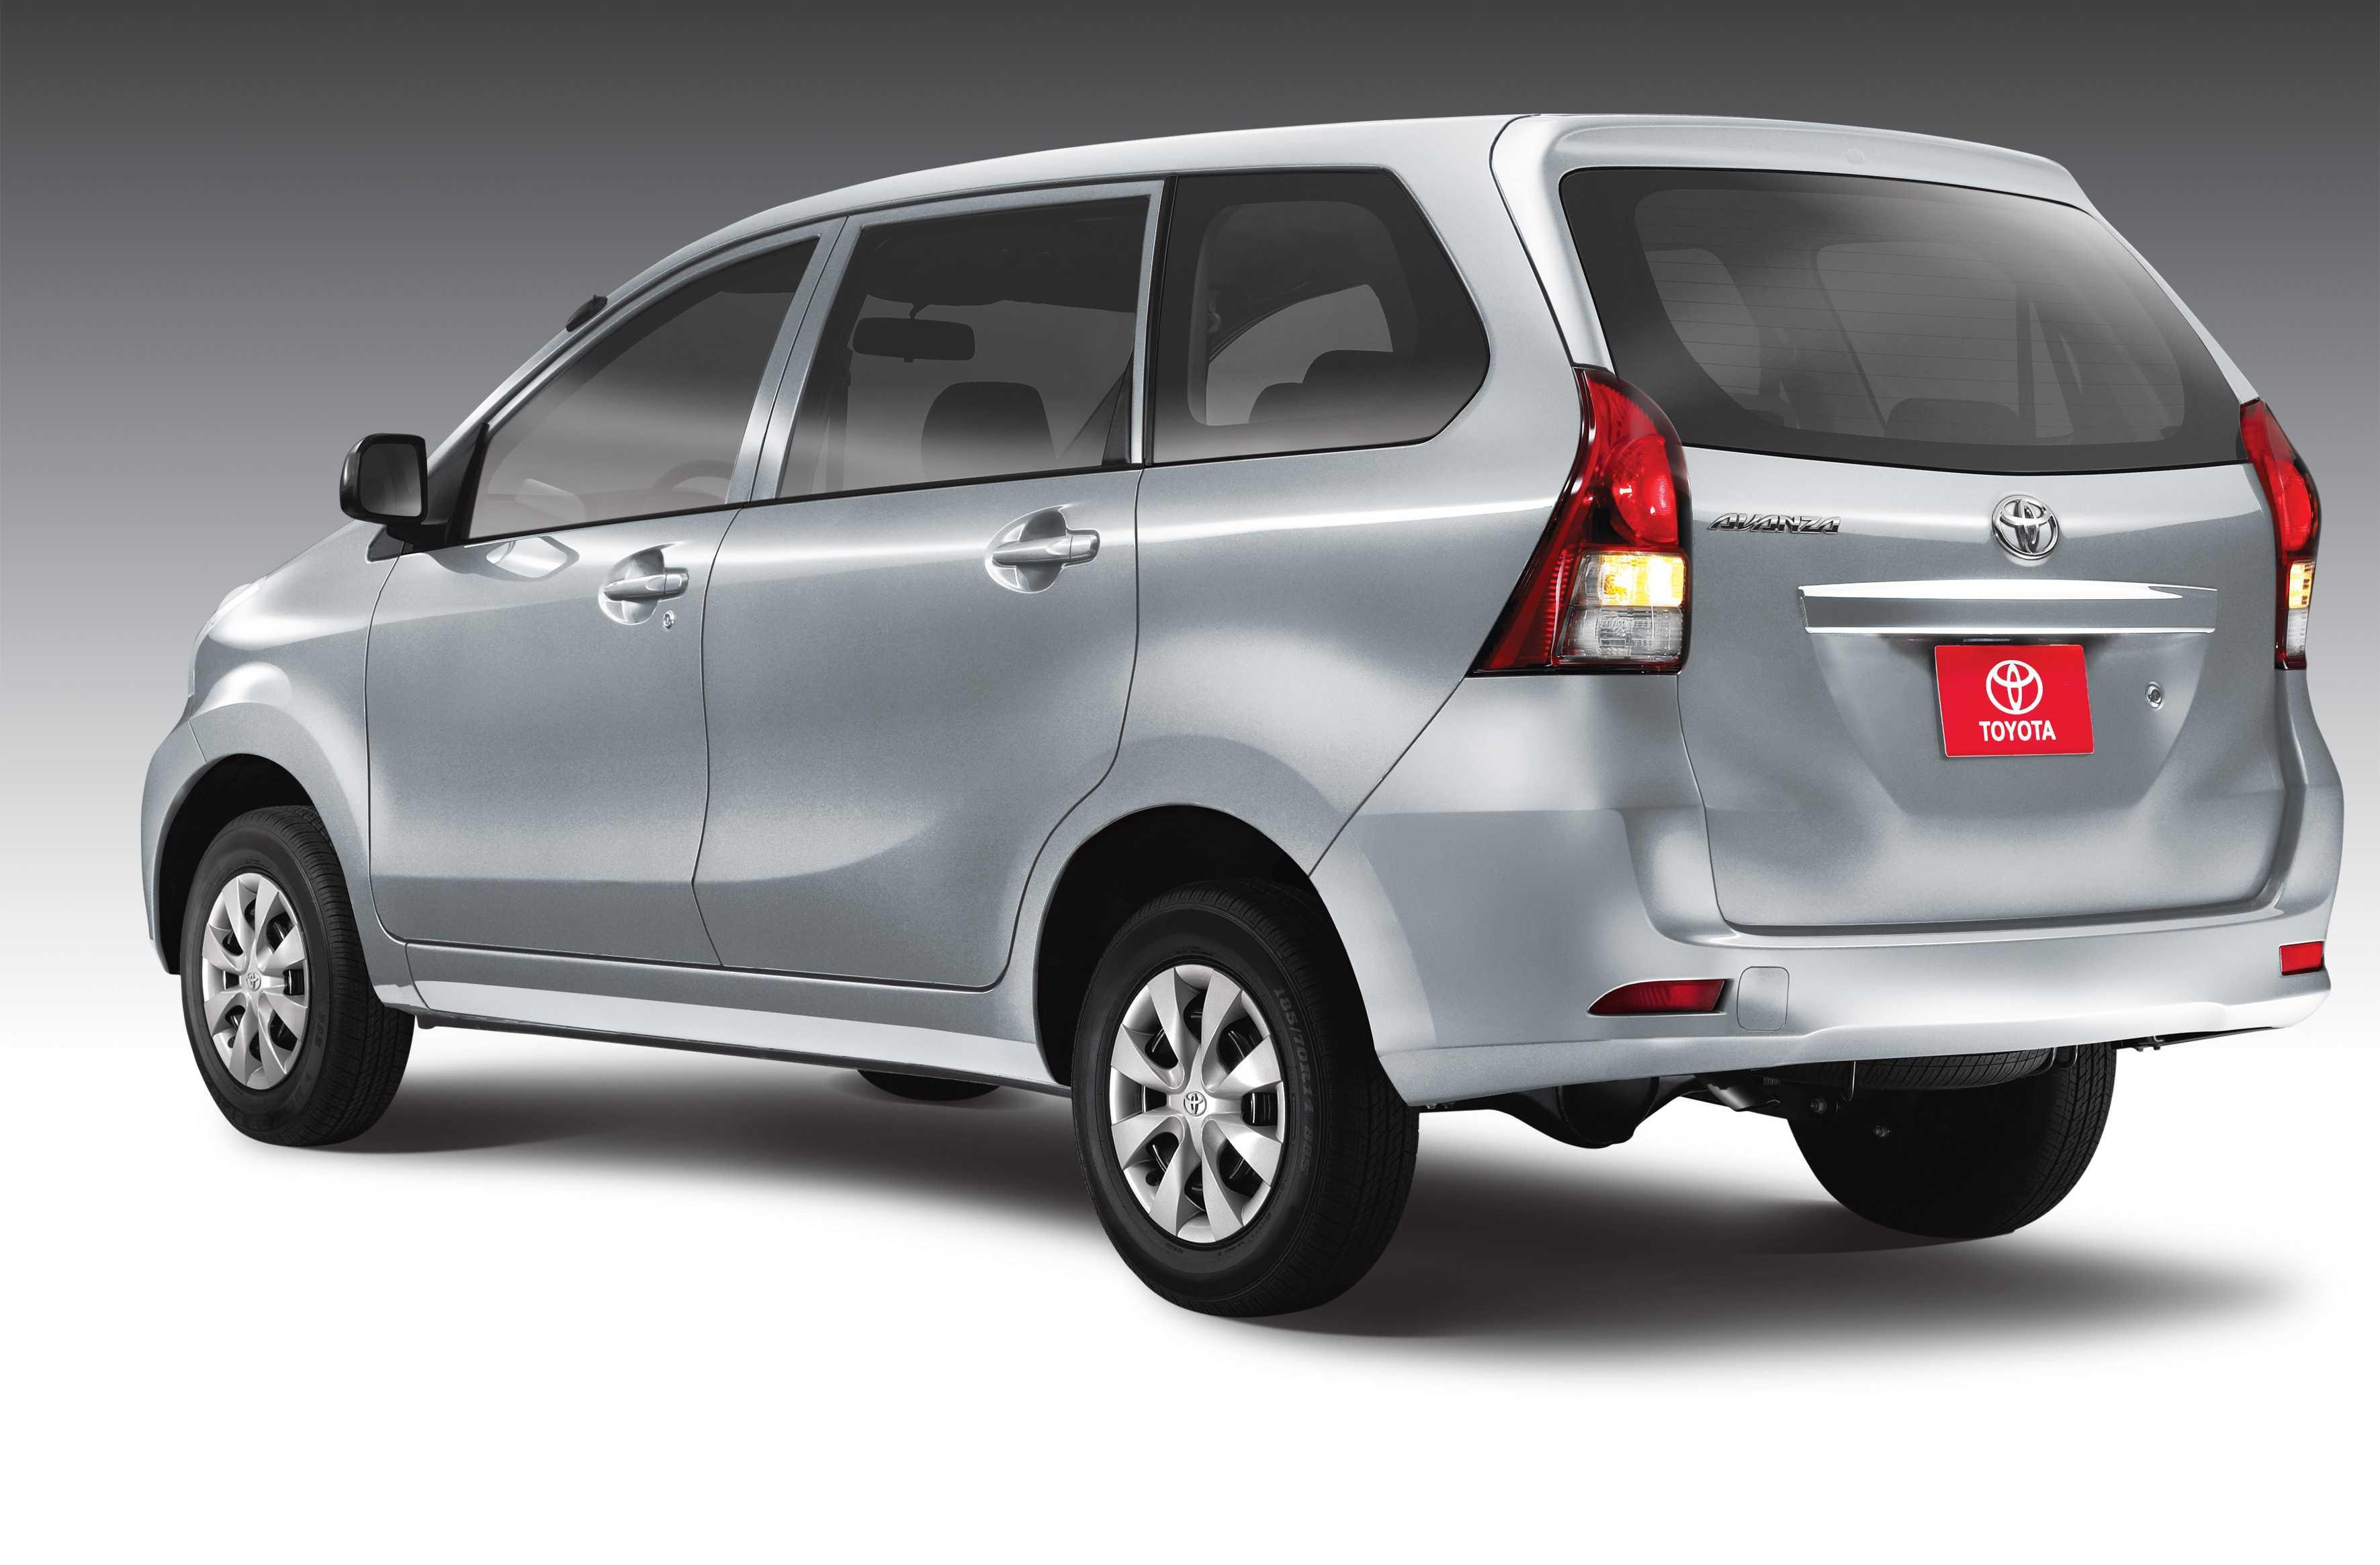 Kekurangan Toyota Avanza 2015 Perbandingan Harga